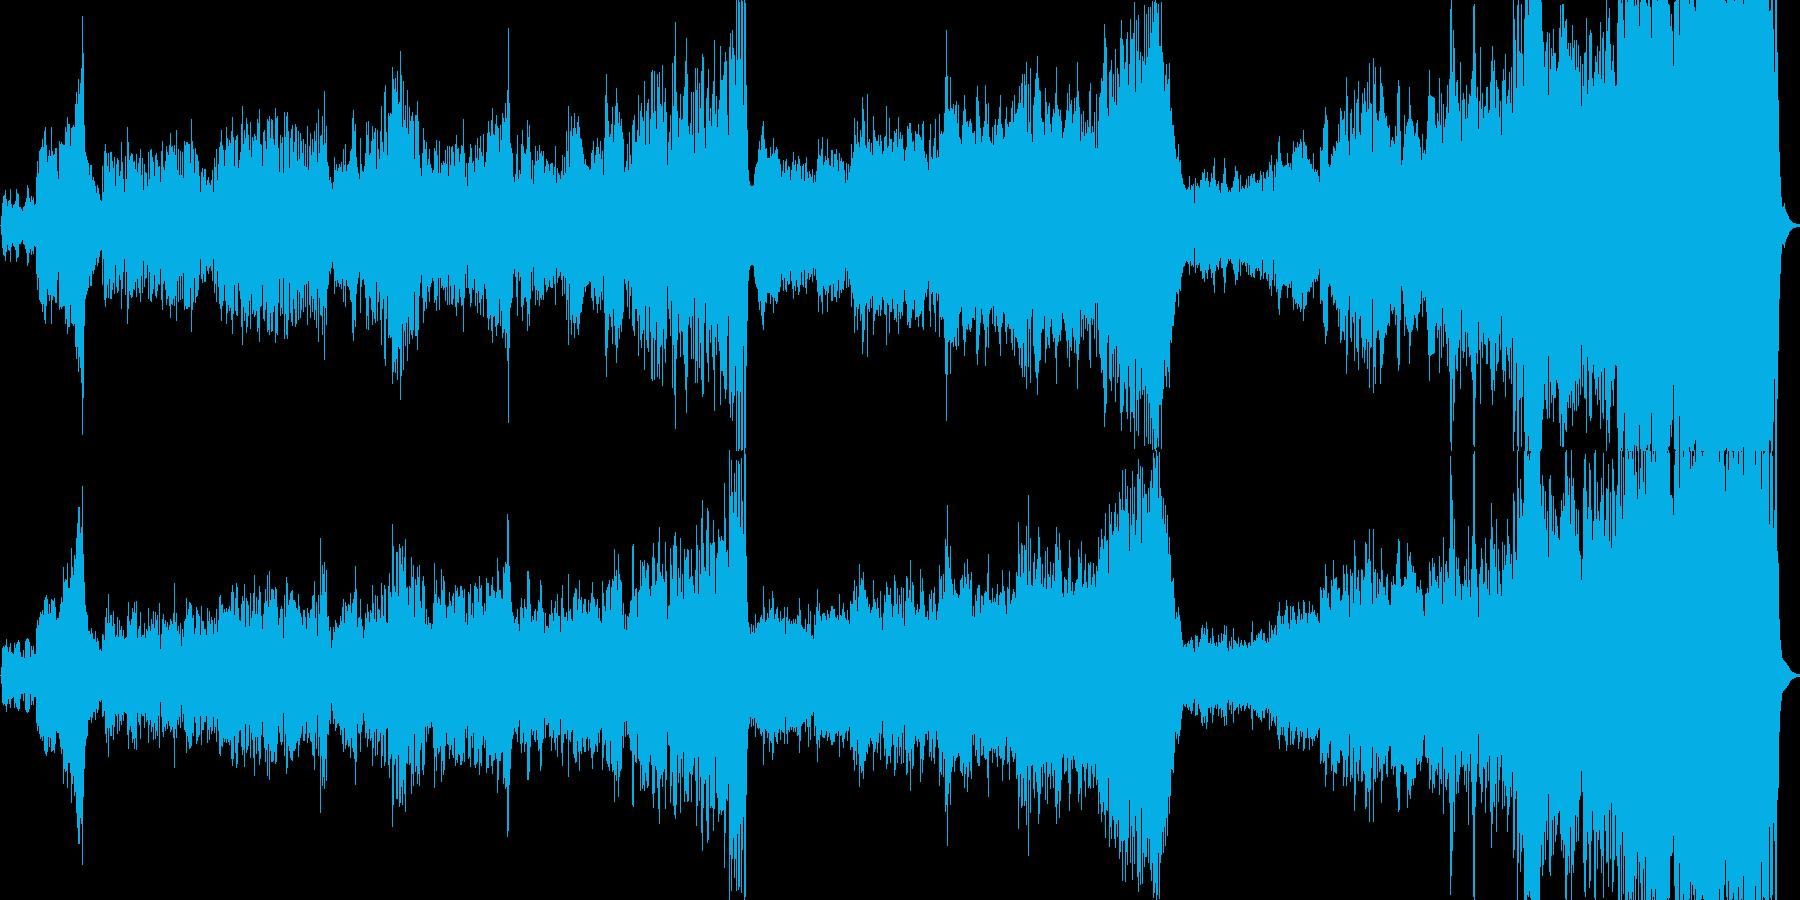 ファンタジーで壮大なオーケストラワルツの再生済みの波形